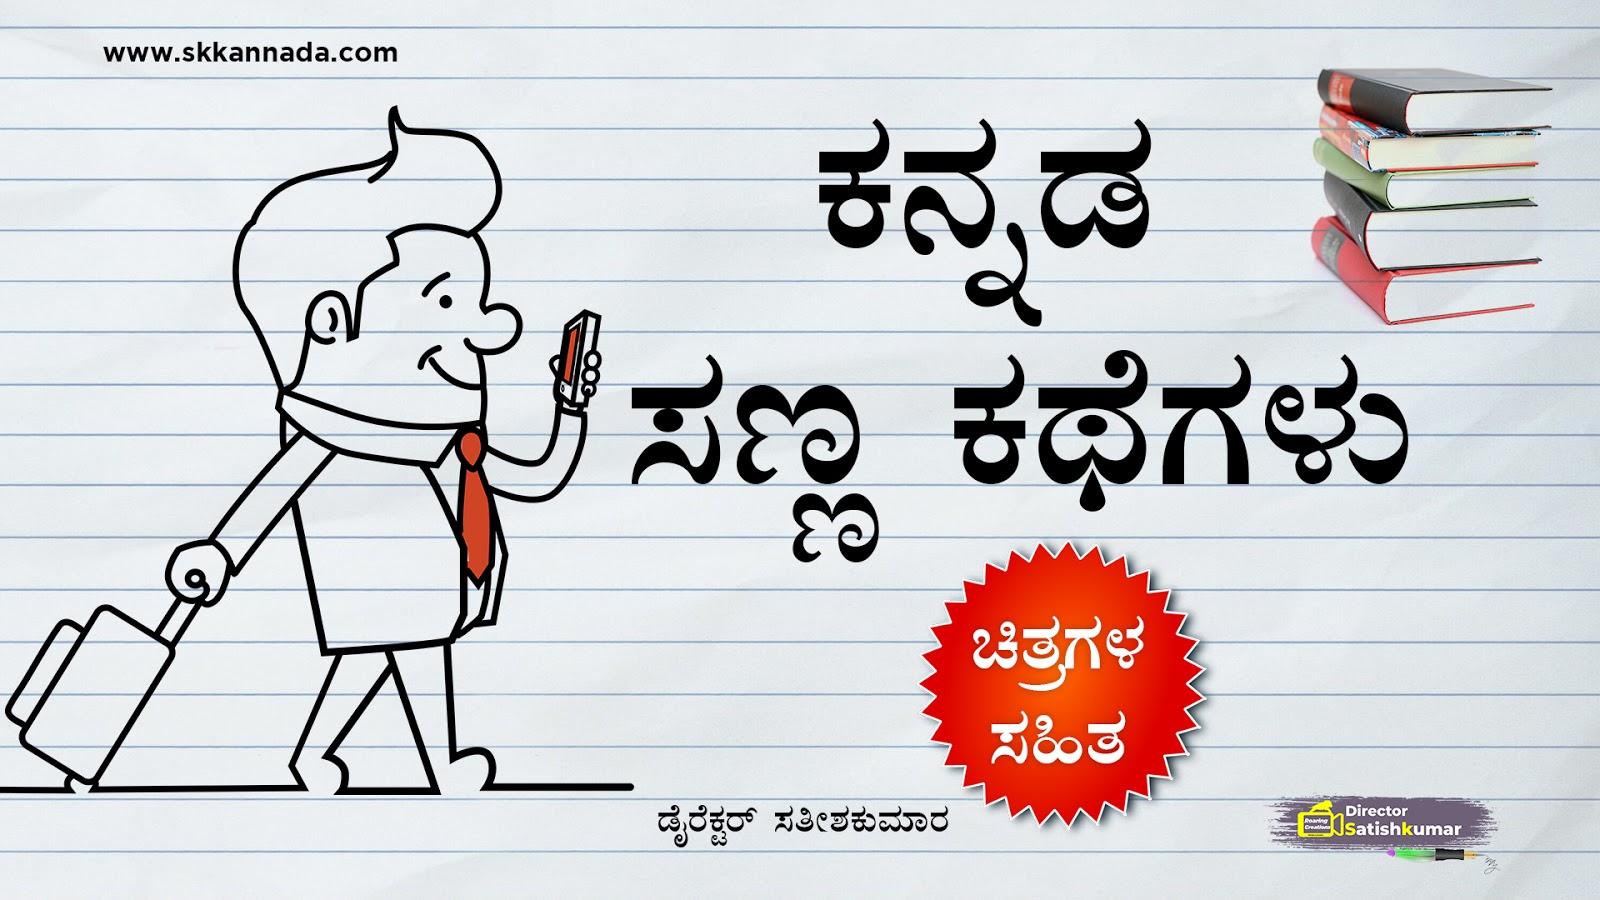 ಕನ್ನಡ ಸಣ್ಣ ಕಥೆಗಳು - Kannada Short Stories - Kannada Small Stories - Sanna Kathegalu